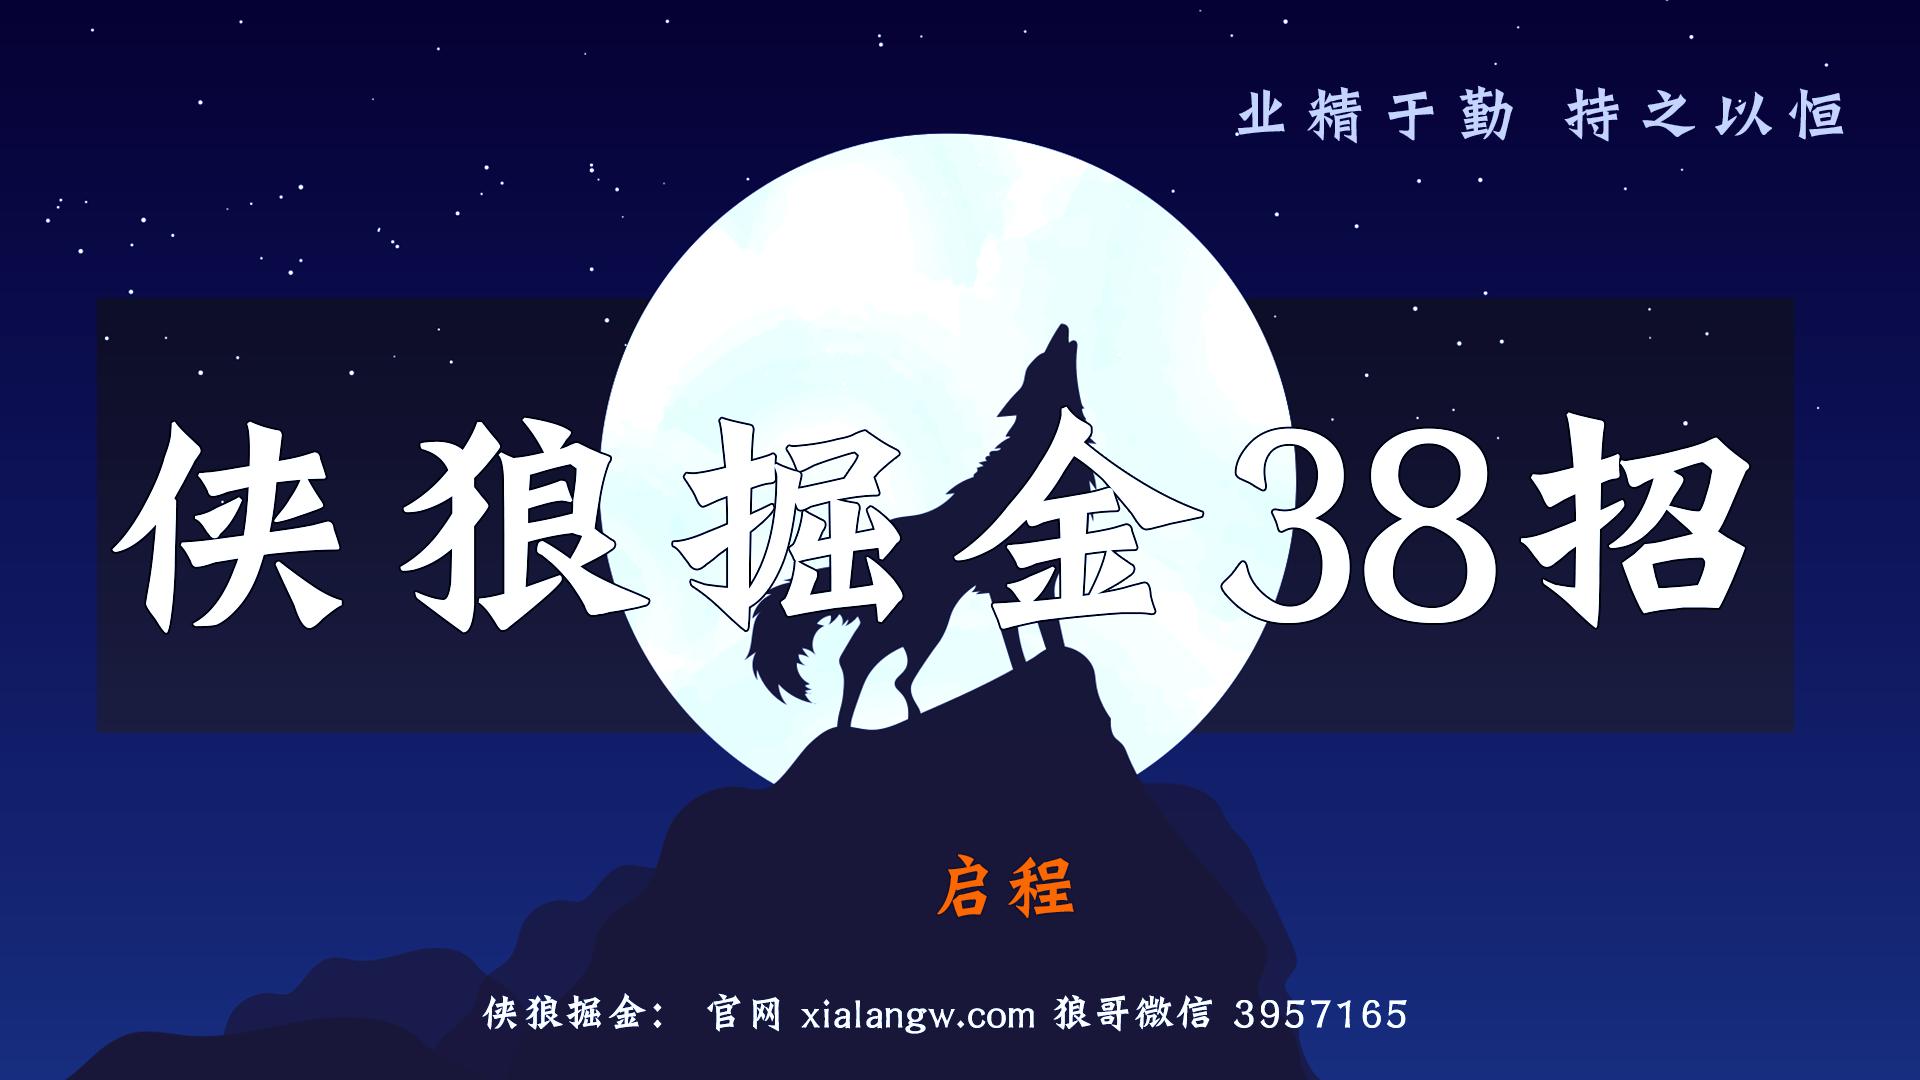 侠狼掘金38招-启程